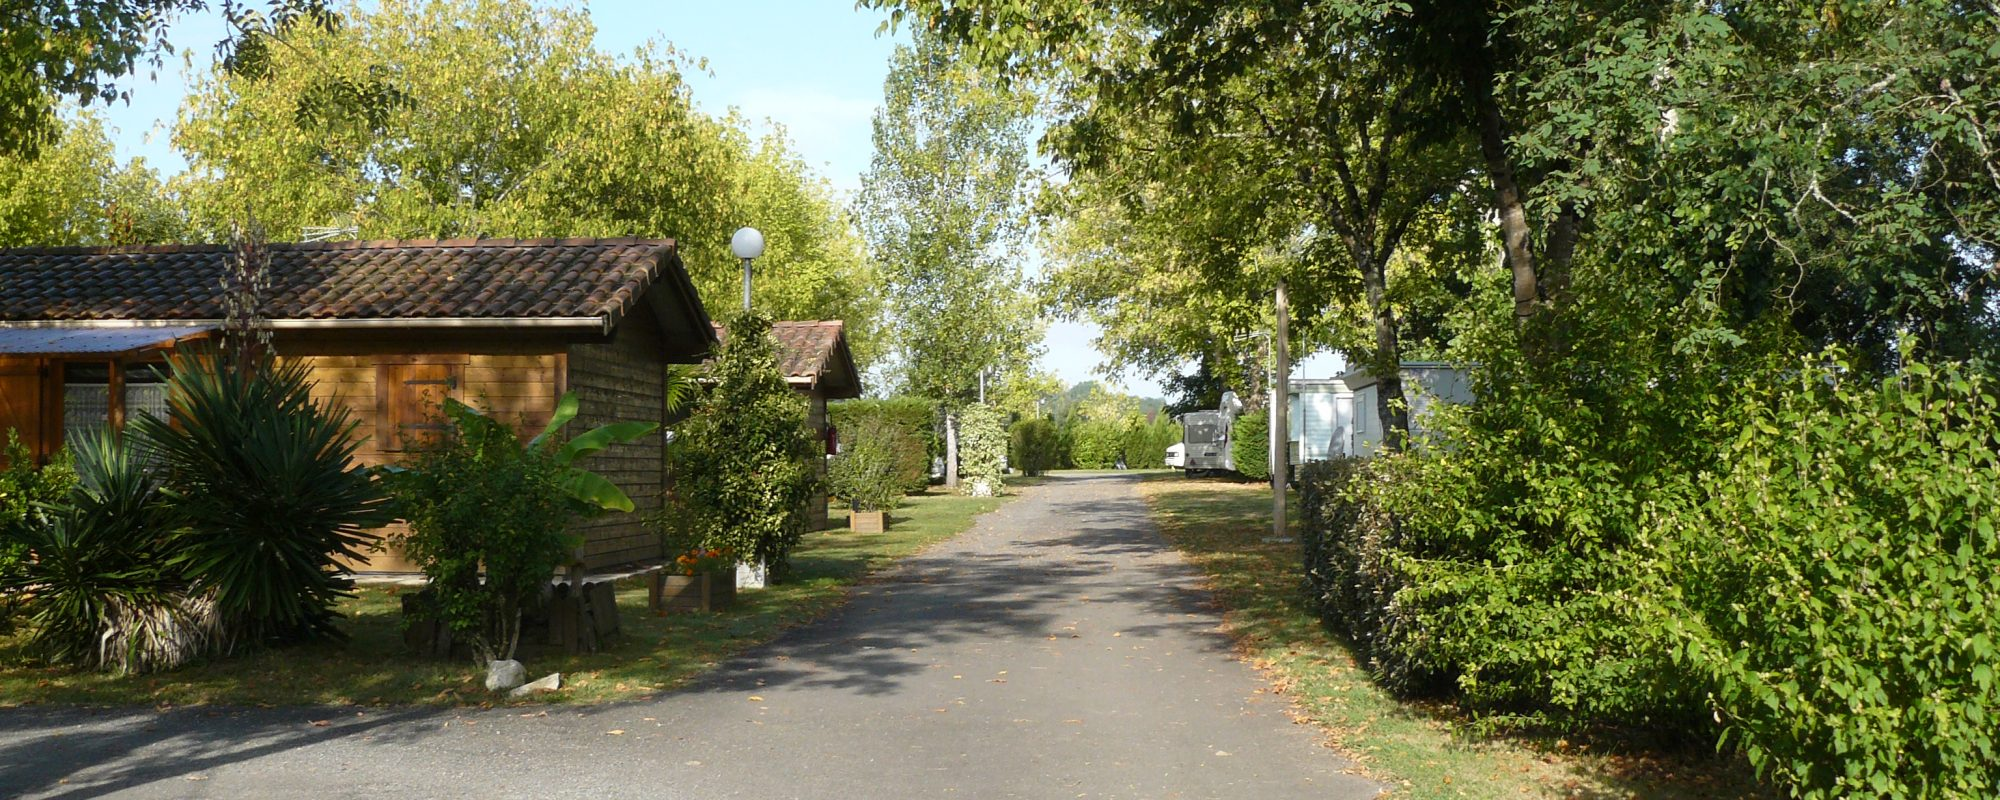 Bienvenue au camping Gascon le Luy